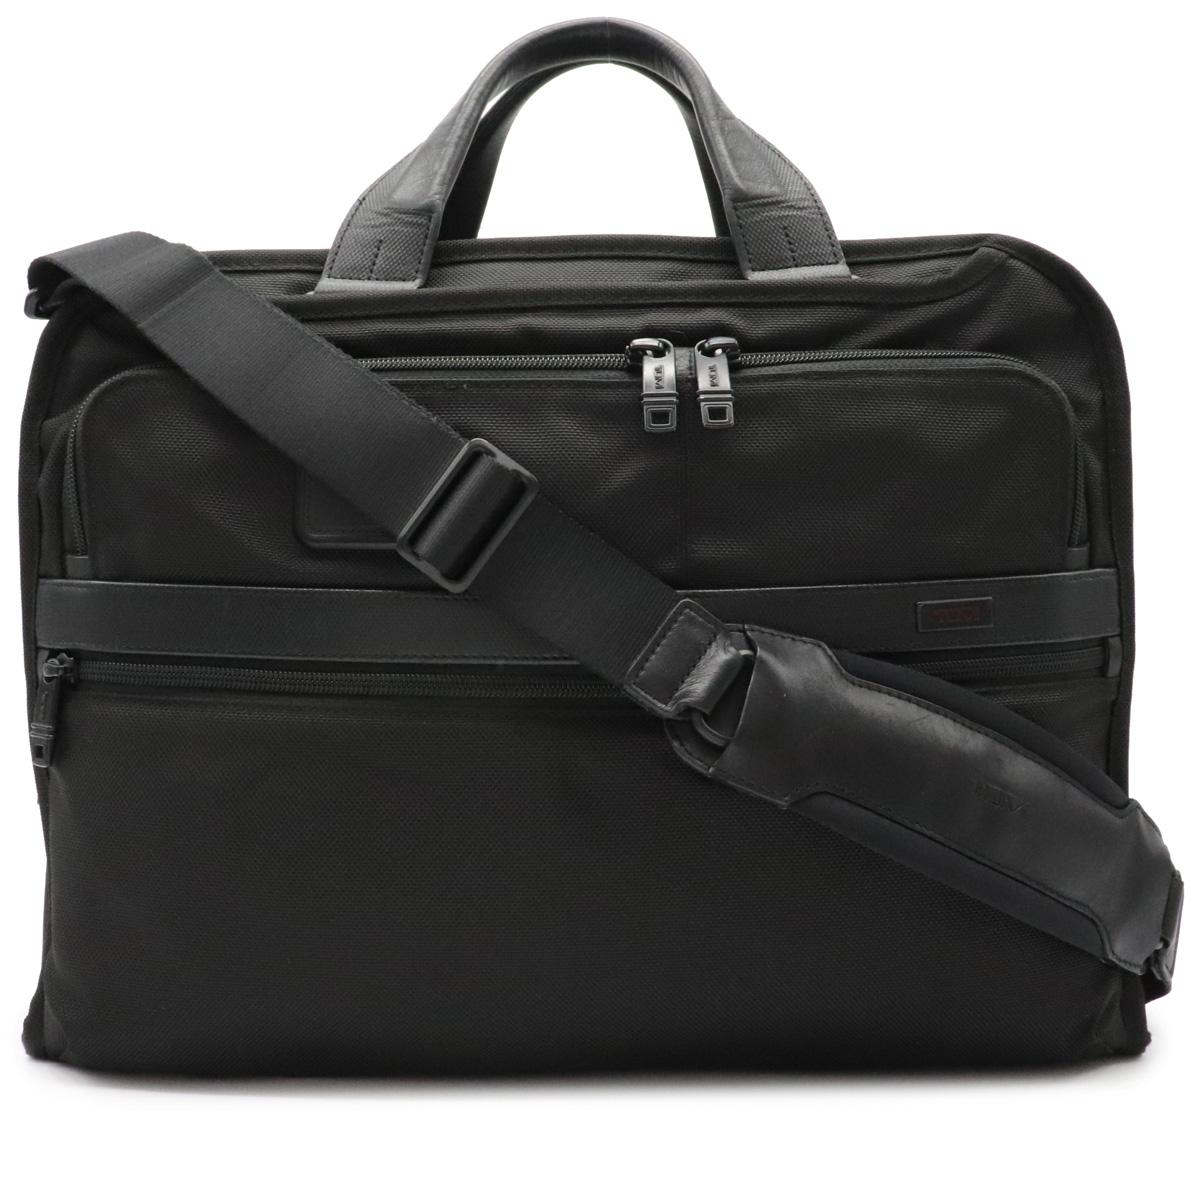 バッグ お買い得品 TUMI トゥミ ALPHA2 アルファ2 オーガナイザー ポートフォリオ ビジネスバッグ 黒 ブリーフケース 予約 ブラック 26108D2 中古 2WAY ショルダー